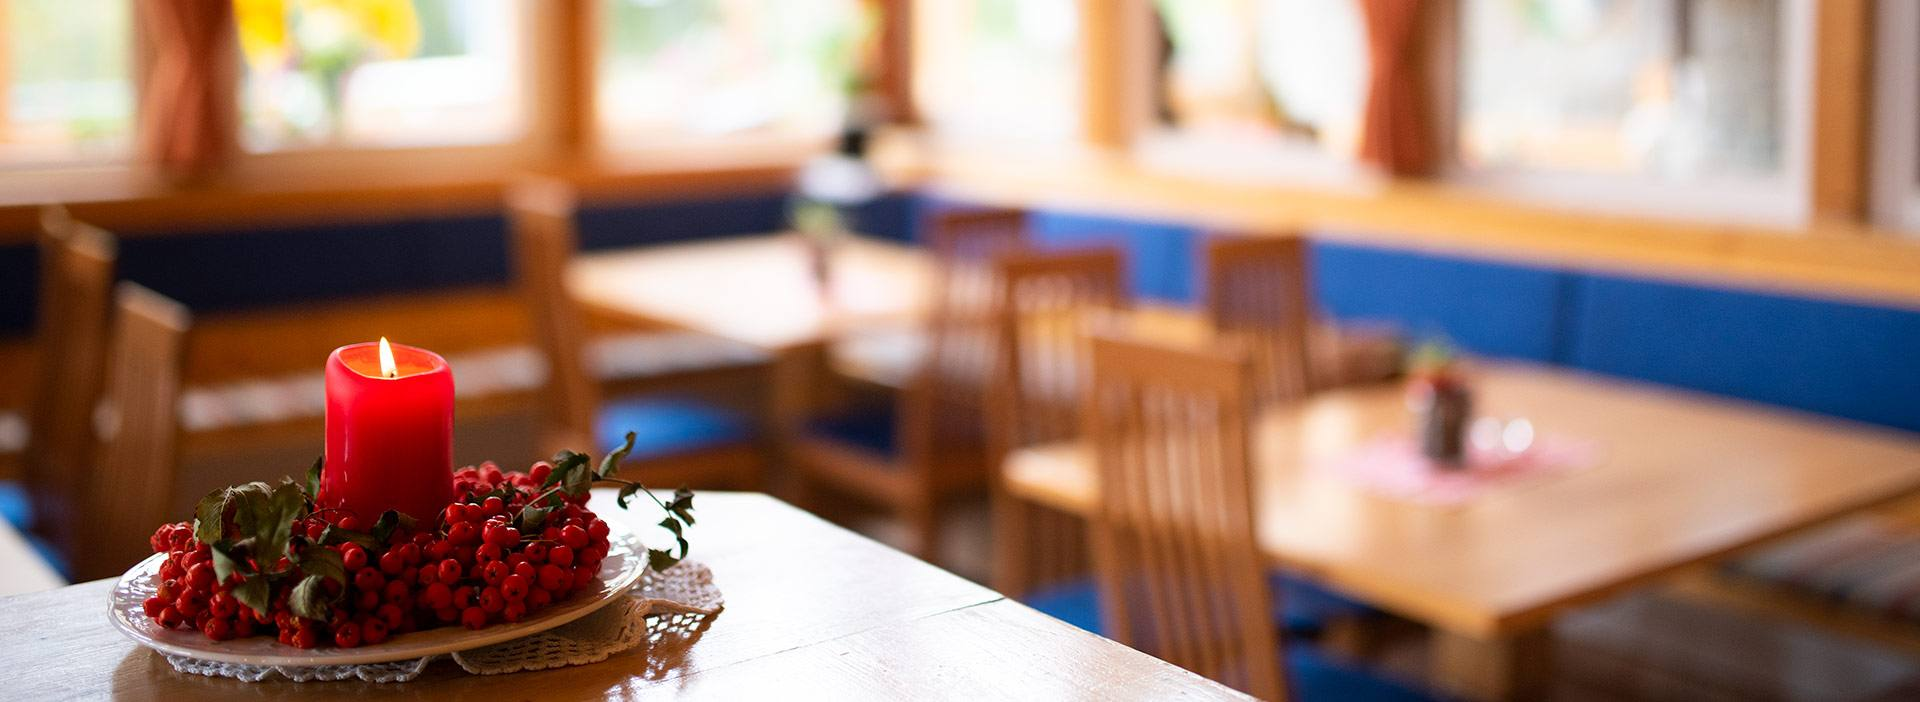 Restaurant Pizzeria Waldschenke